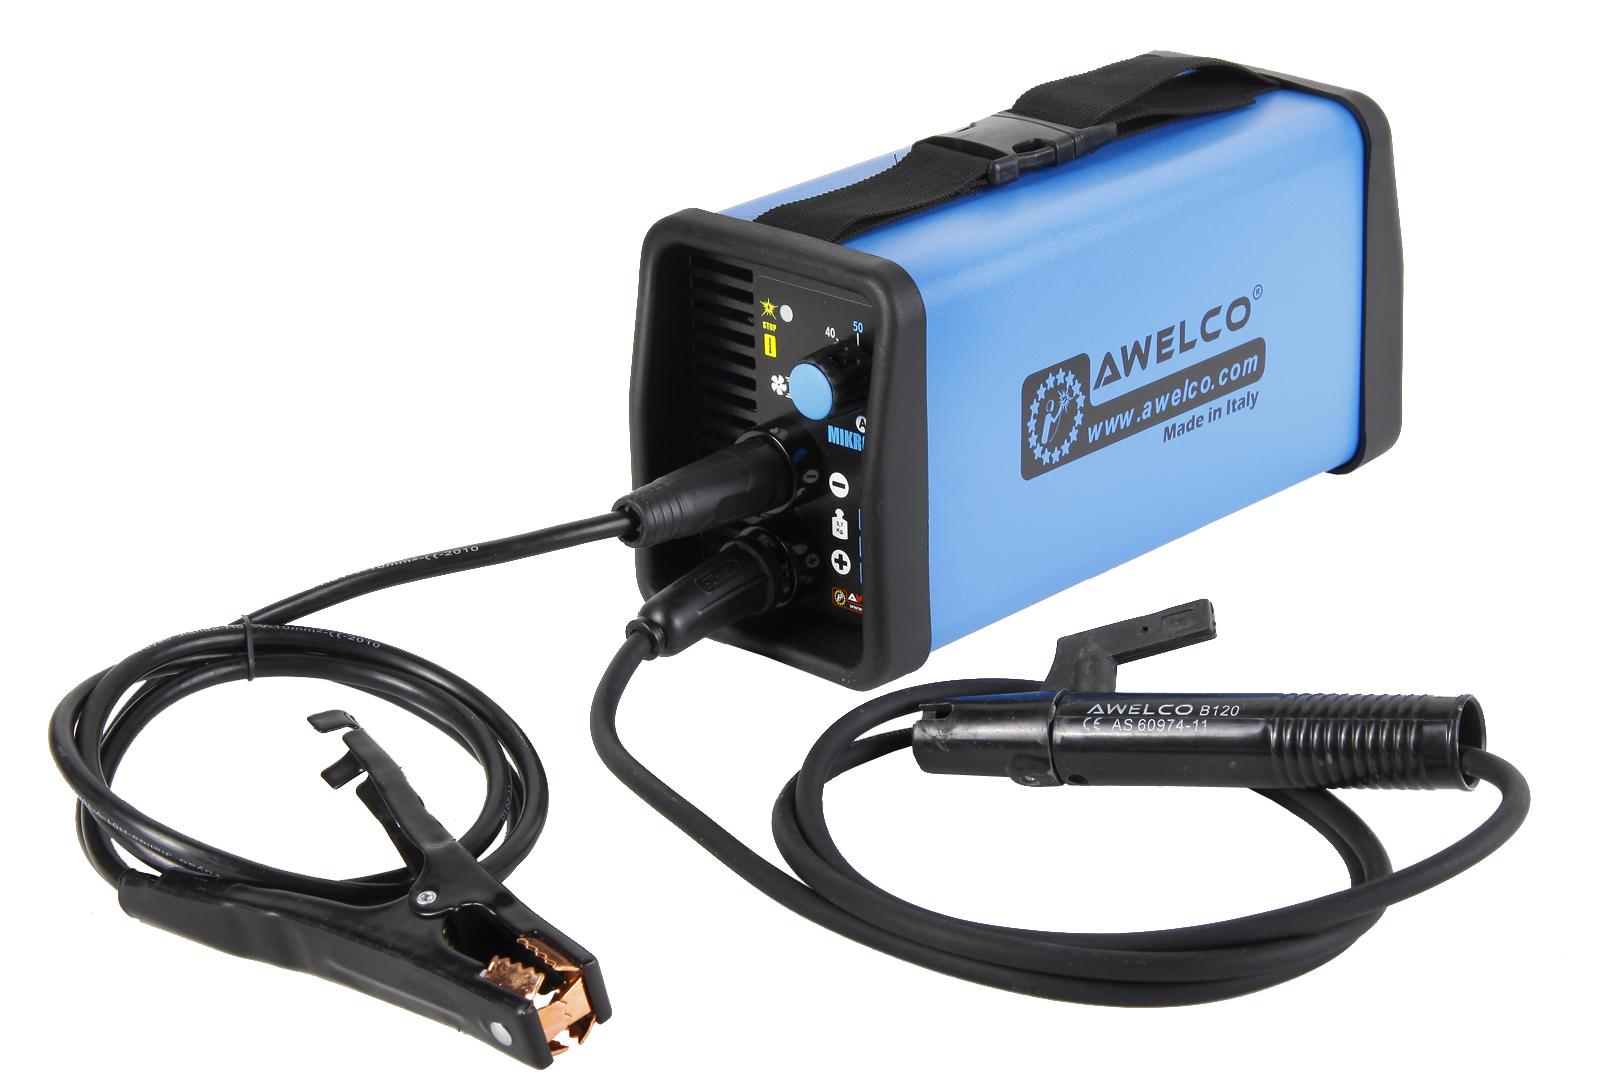 220 Вольт - Купить Сварочный аппарат AWELCO MIKRO 114 инверторный в...